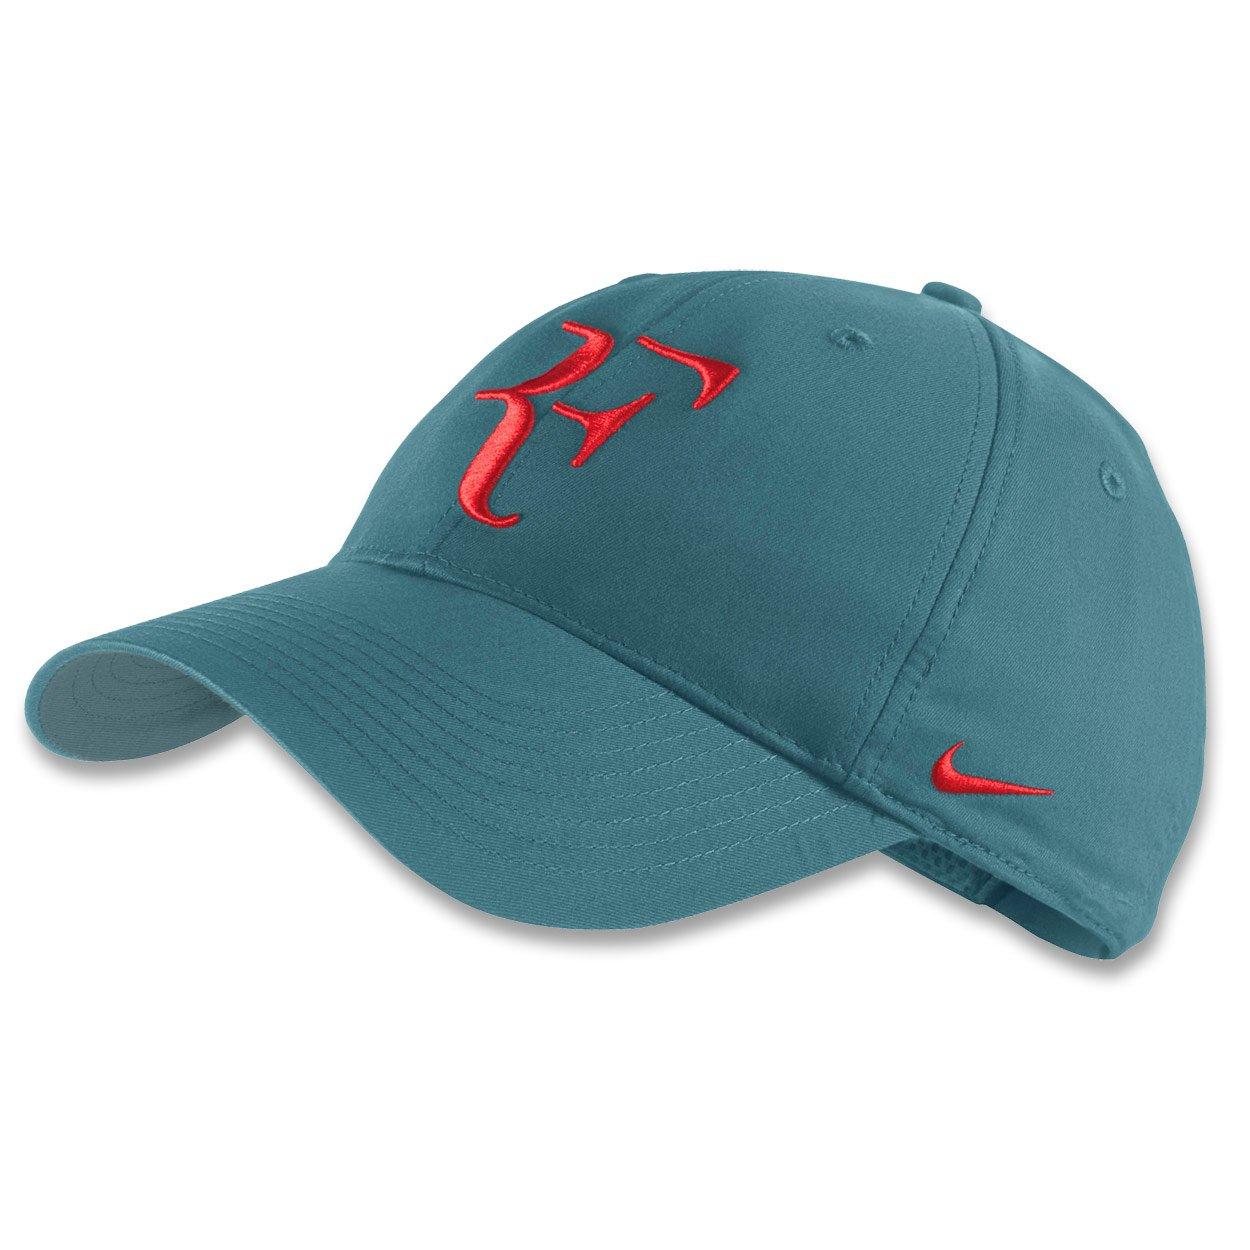 c53a85e869111 Nike Men`s Roger Federer